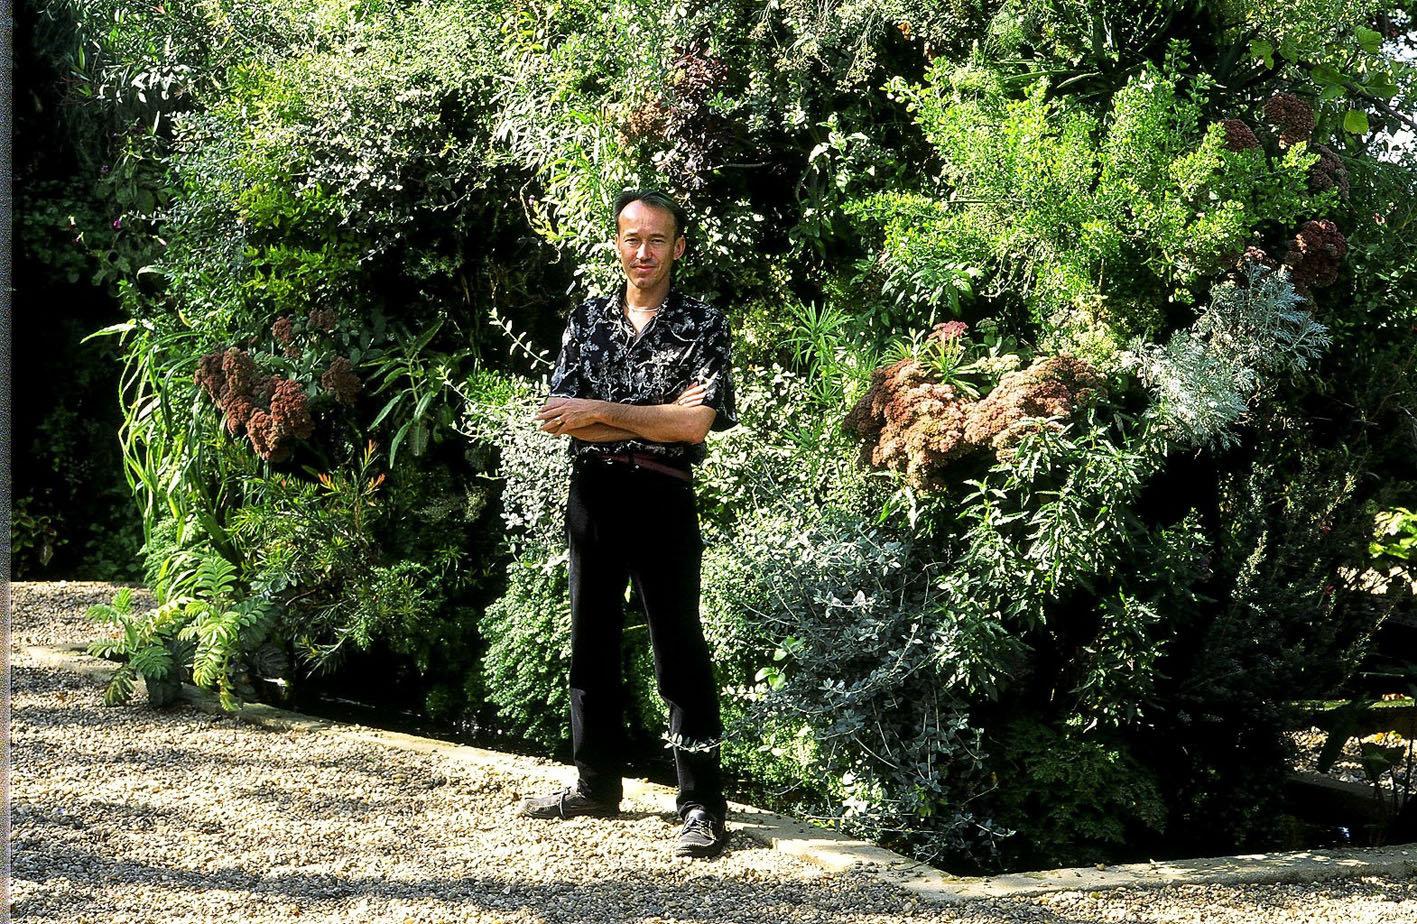 Festival international des jardins chaumont sur loire mur vegetal patrick - Patrick blanc mur vegetal ...